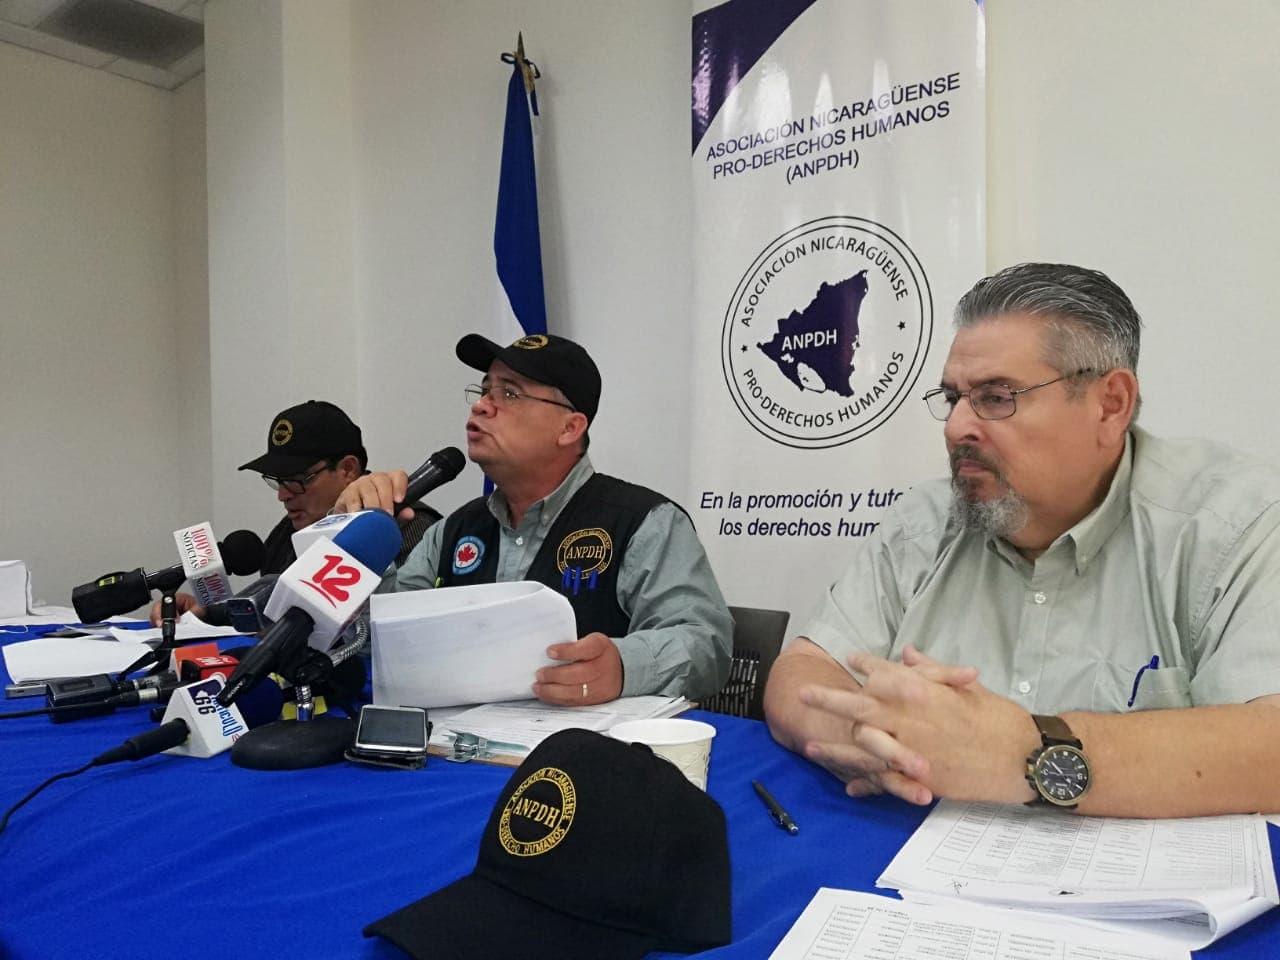 Directivos de la ANPDH durante la presentación del último informe de la violencia en las protestas cívicas en Nicaragua. Foto: Artículo 66